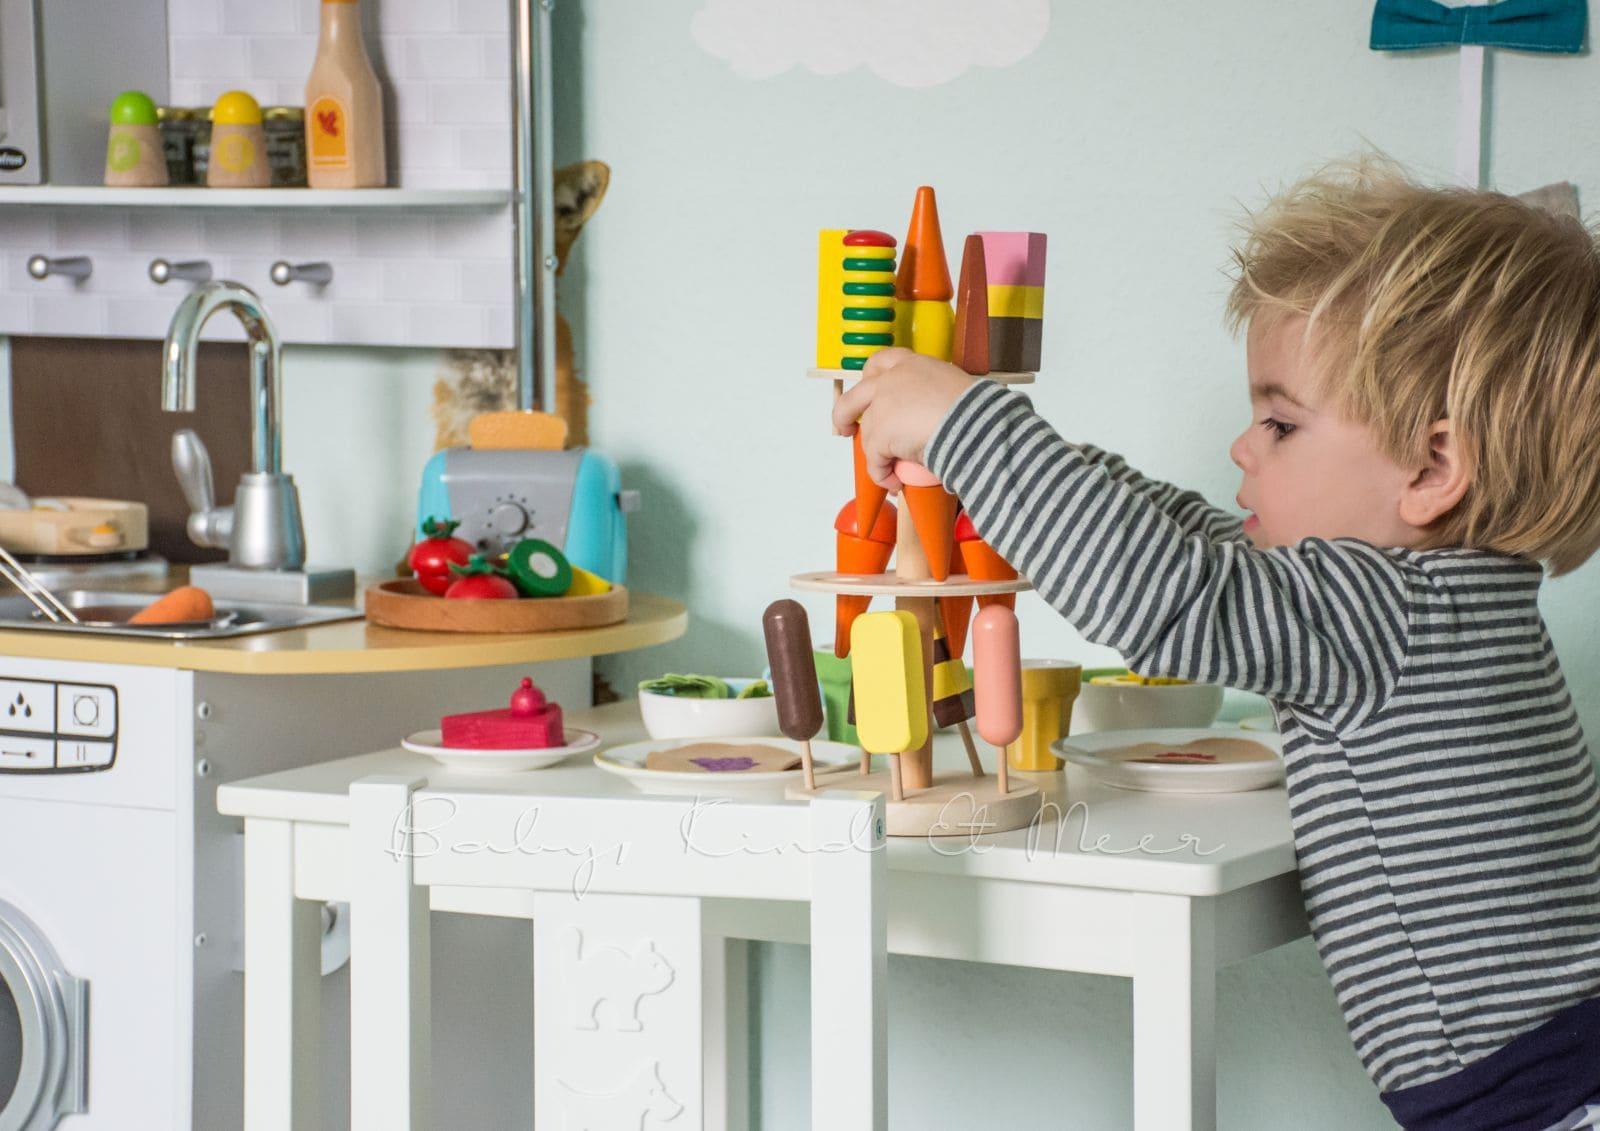 Zwar Werden Wir Unsere IKEA Spielküche Nicht Weggeben, U2026 Ganz Einfach, Weil  Unser Herz Daran Hängt Und Man Nie Weiß, Was Noch Kommen Mag U2026 😉